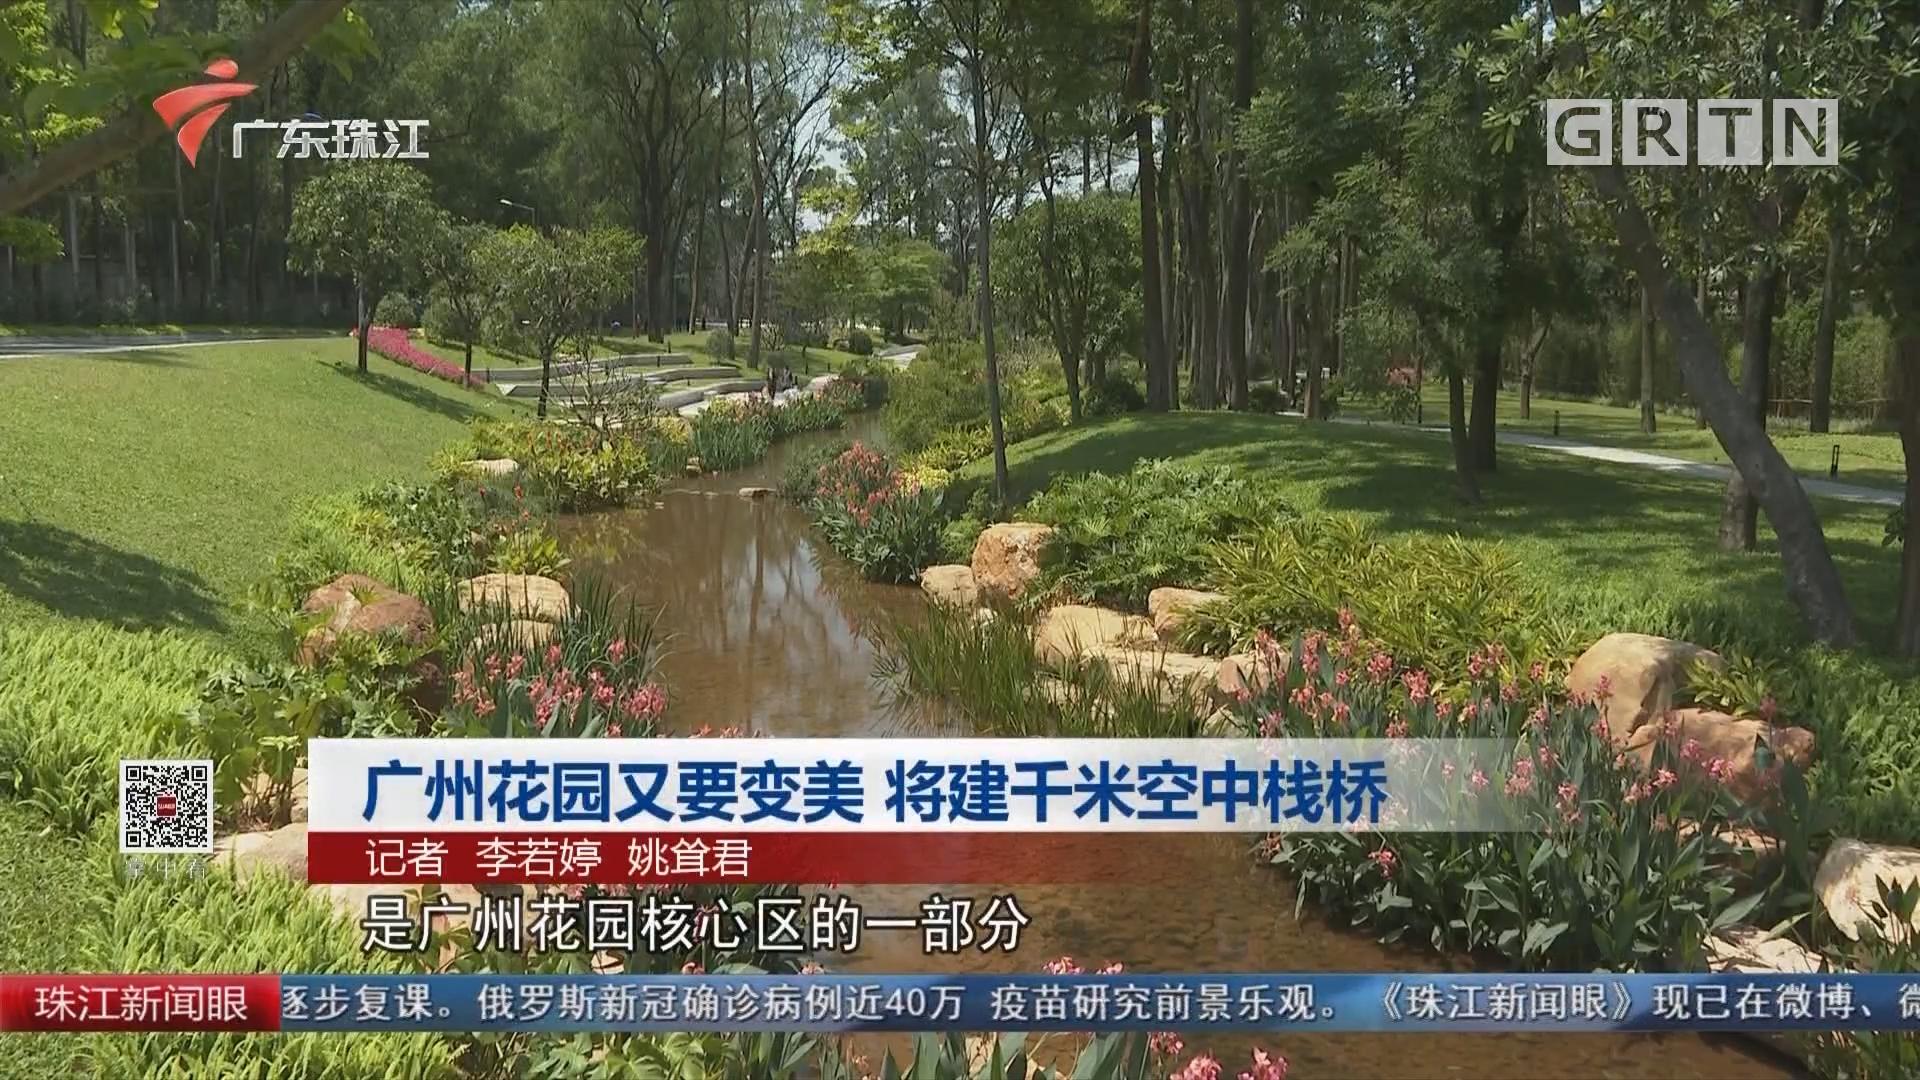 廣州花園又要變美 將建千米空中棧橋